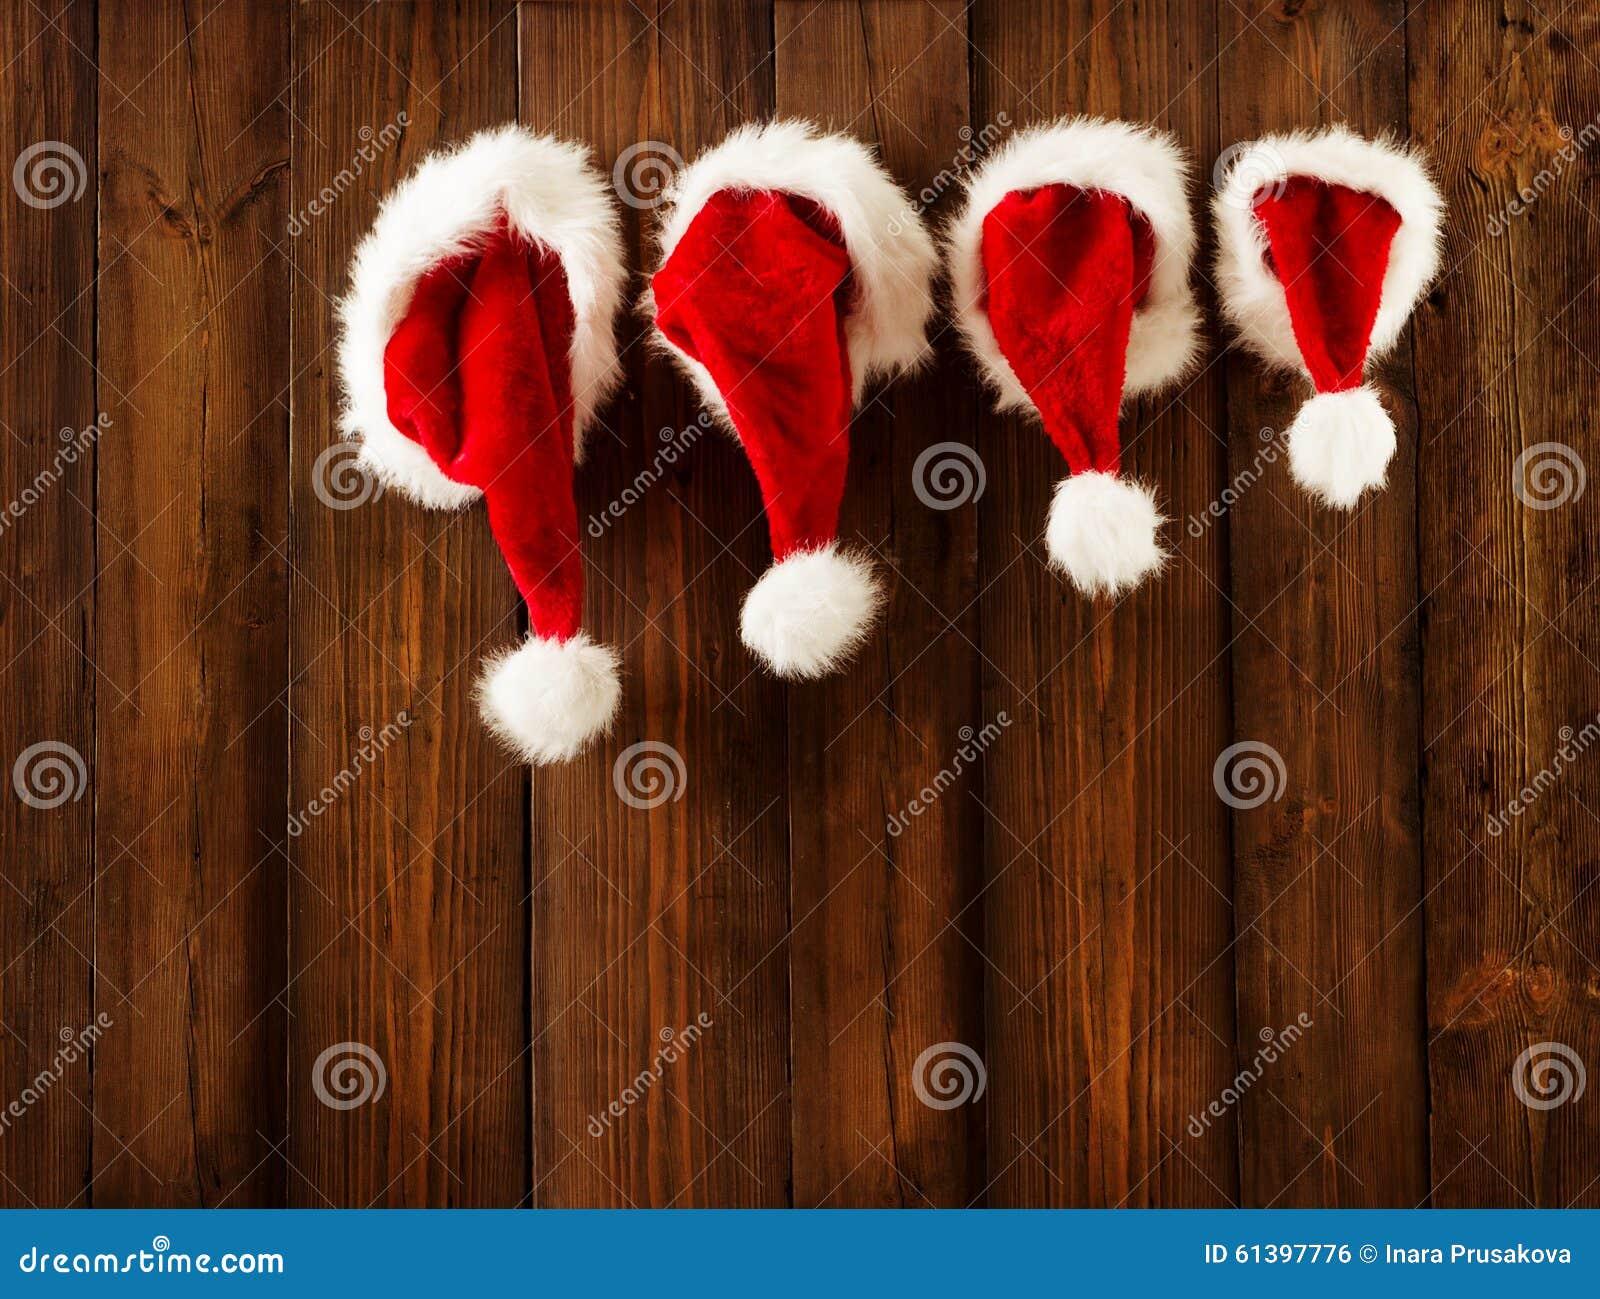 Christmas Family Santa Claus Hats Hanging on Wood Wall, Xmas Hat